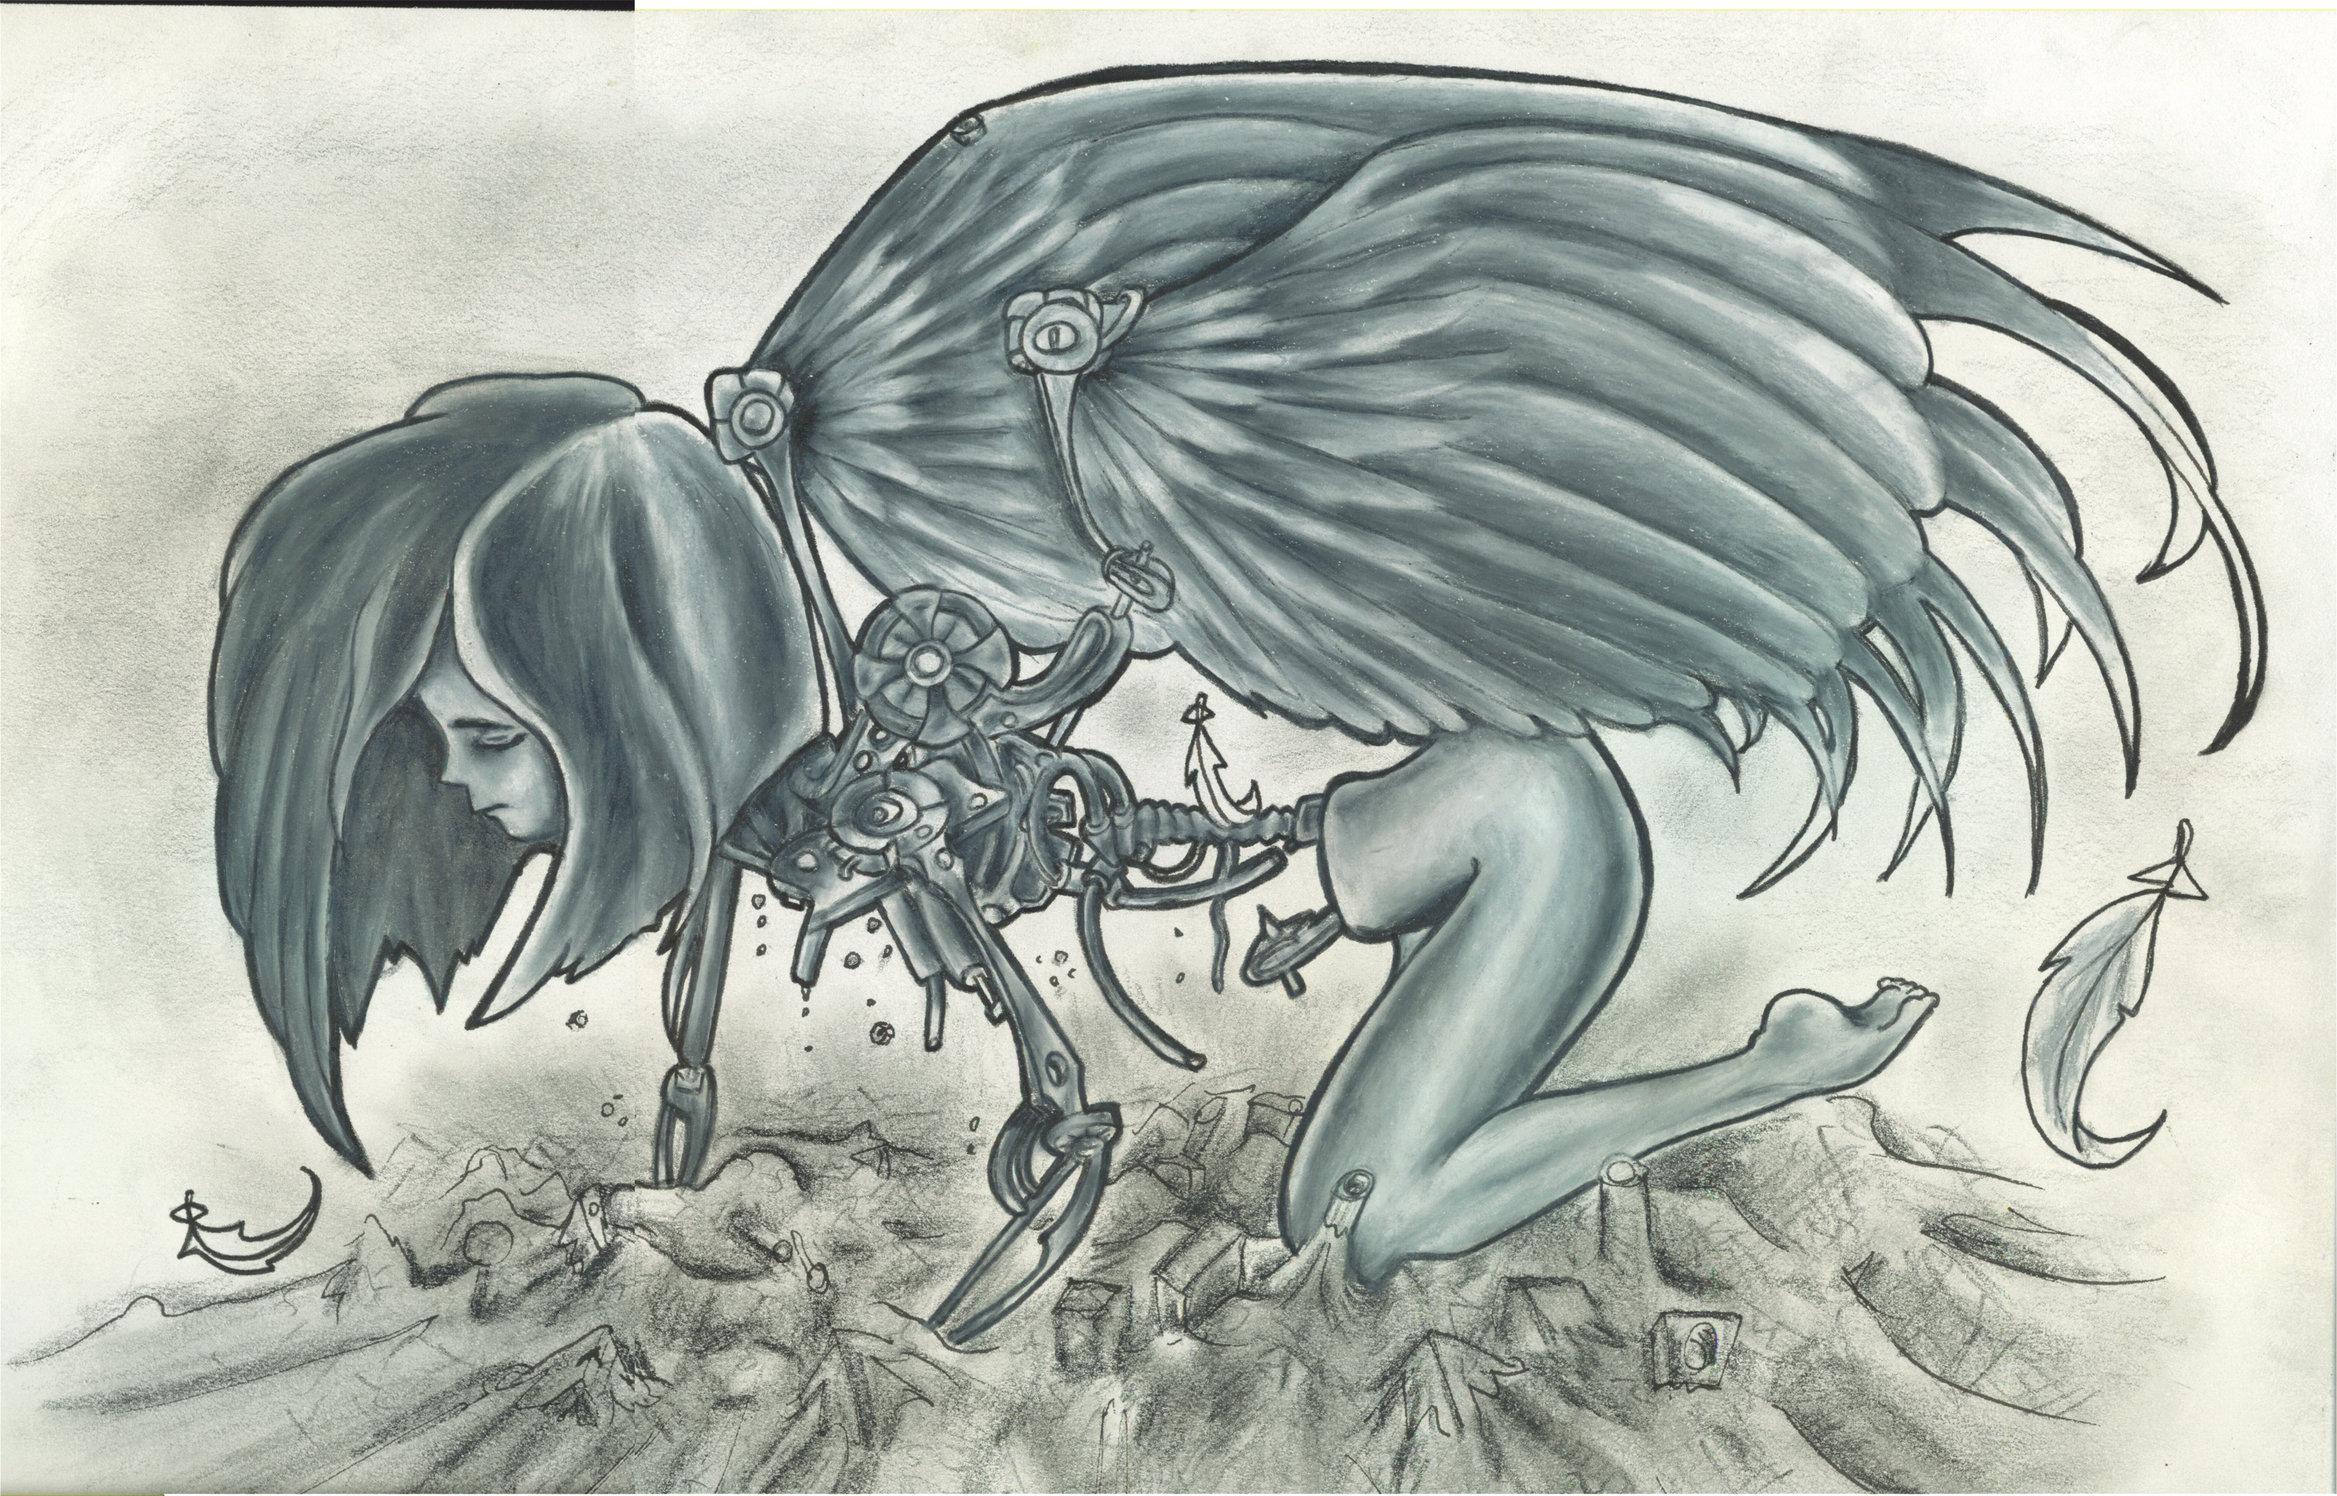 Drawn angel broken angel Father broken angel of broken